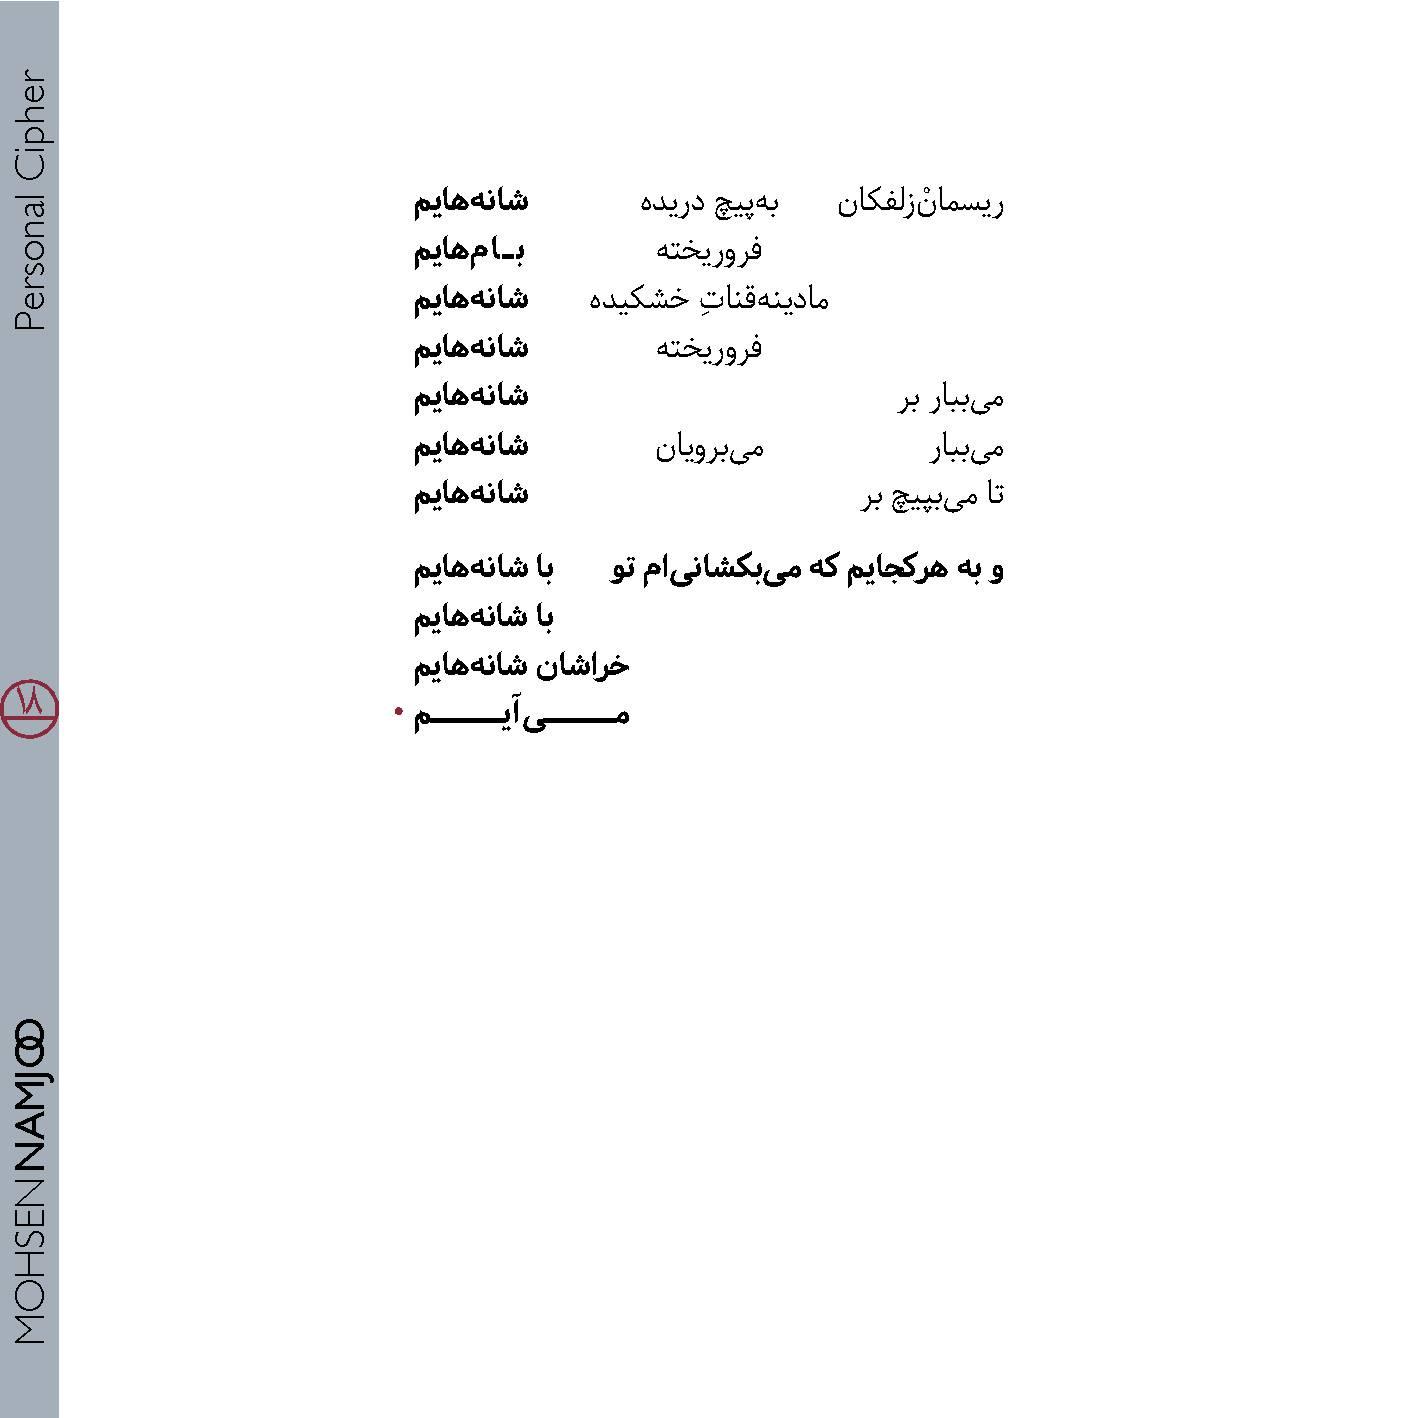 file-page18.jpg